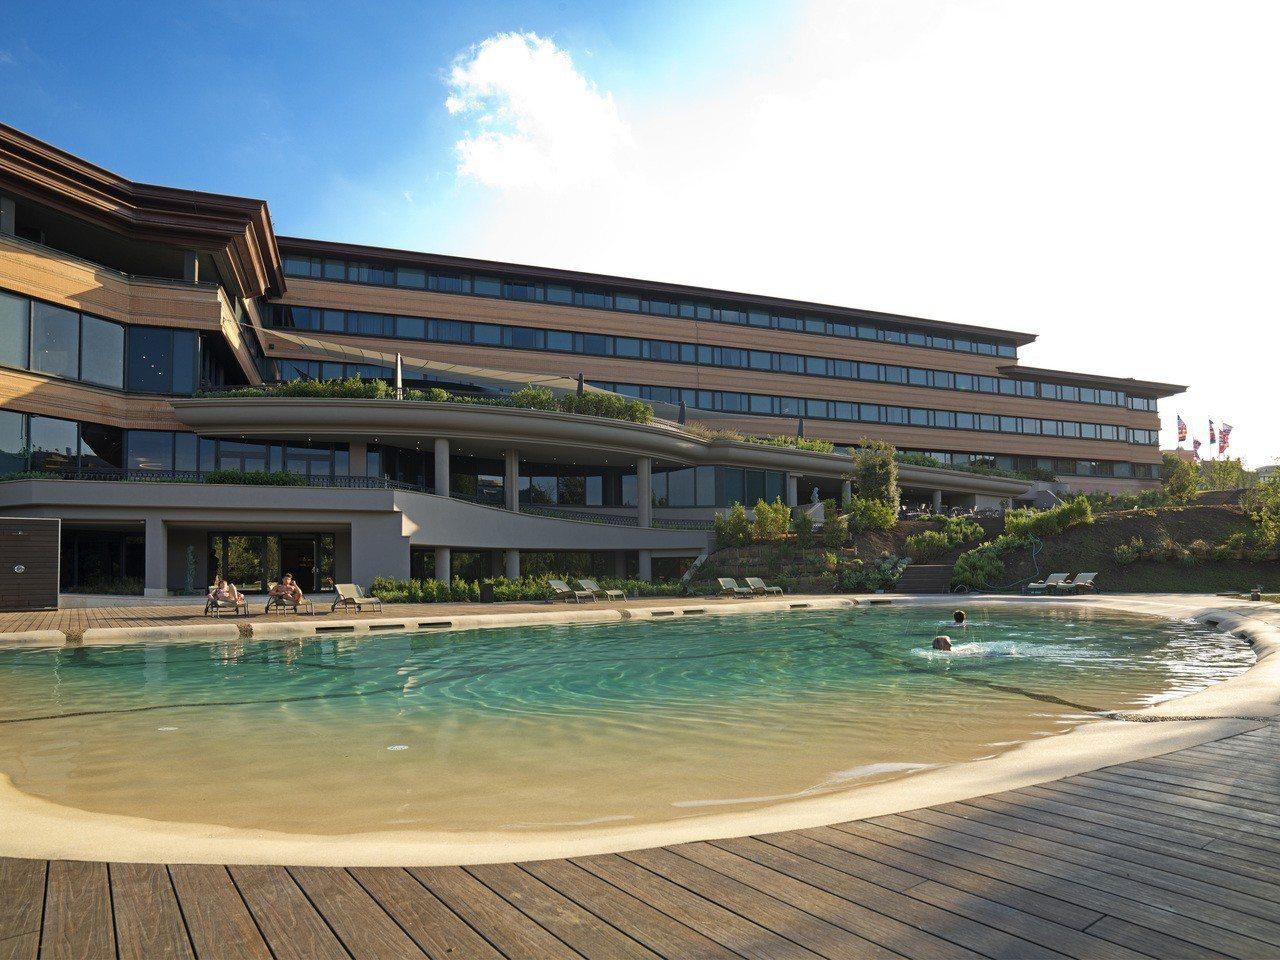 台灣雲朗集團旗下的「A.ROMA」羅馬大飯店的游泳池。雲朗集團/提供